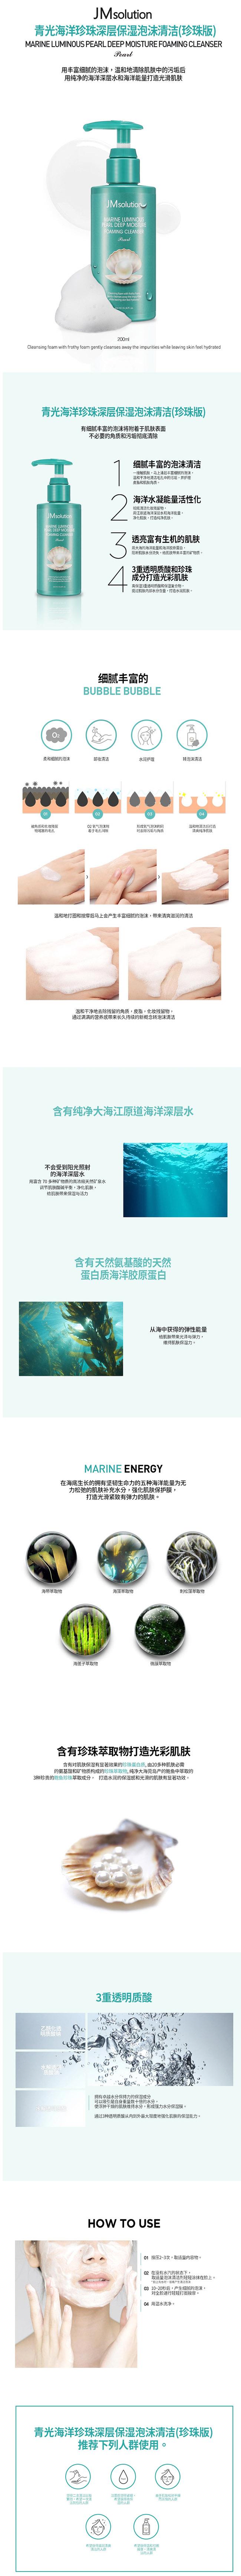 images/1/2018/06/xyesdZedESQ7syYdujy4TseEDVEdy8.jpg